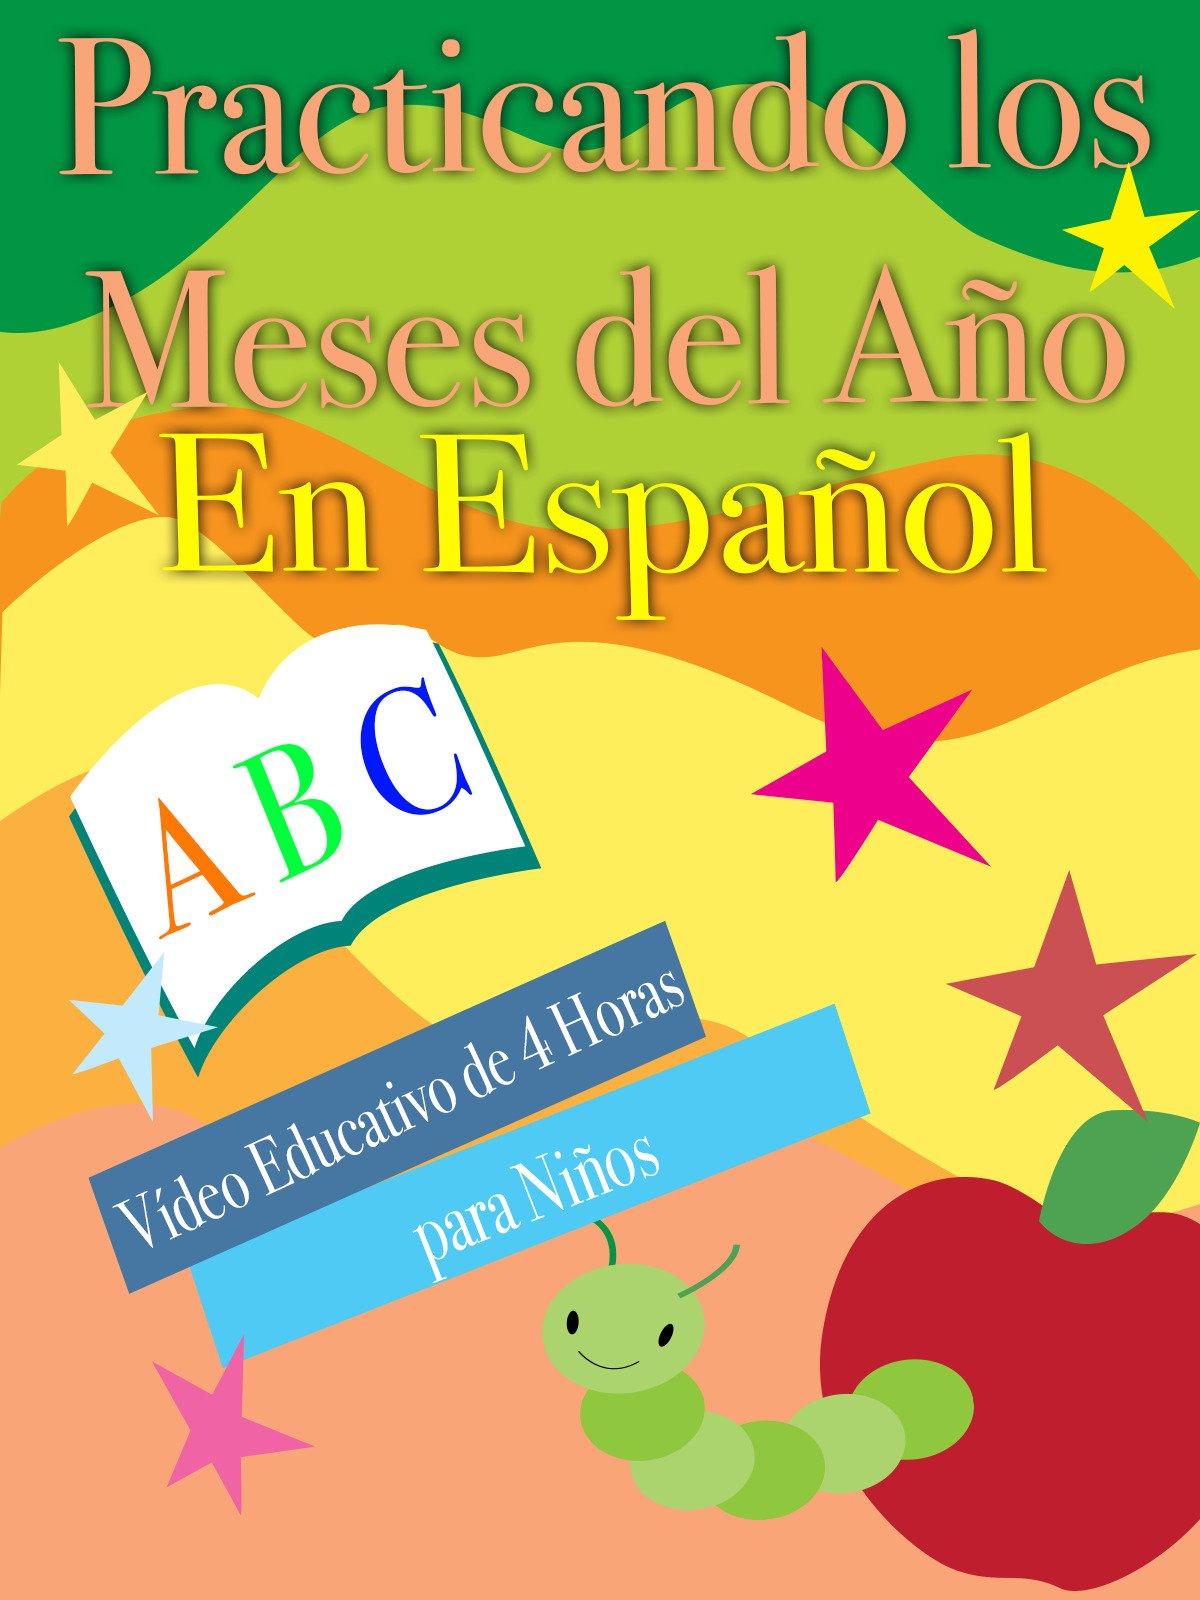 Practicando los Meses del Año En Español Video Educativo de 4 Horas para Niños on Amazon Prime Instant Video UK